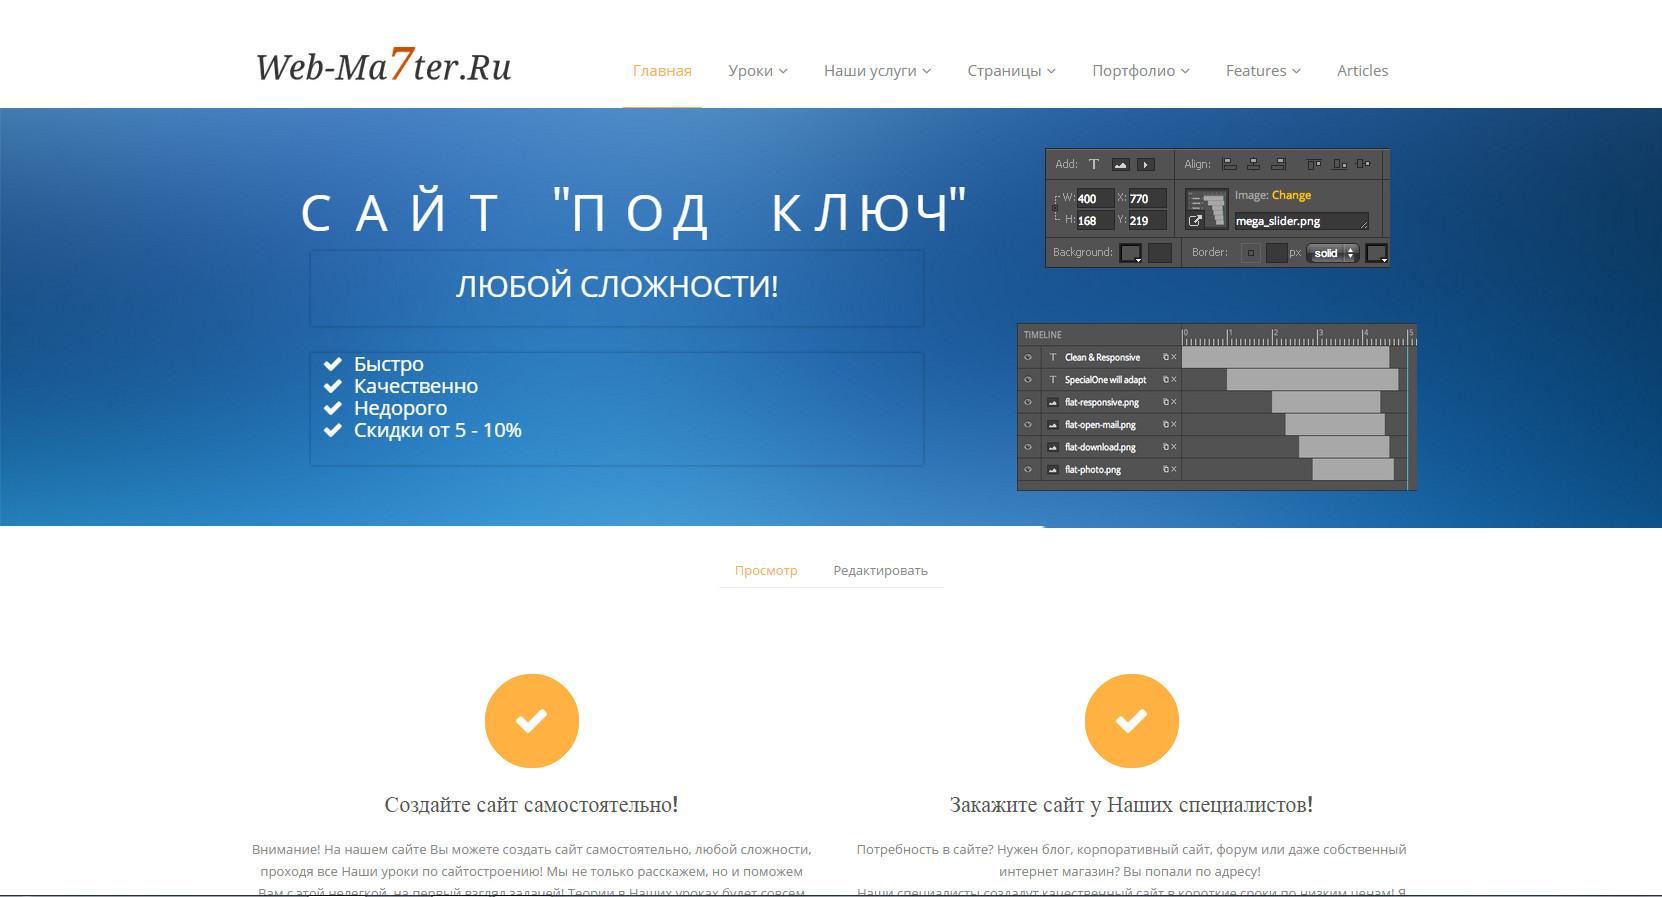 WEB-MA7TER